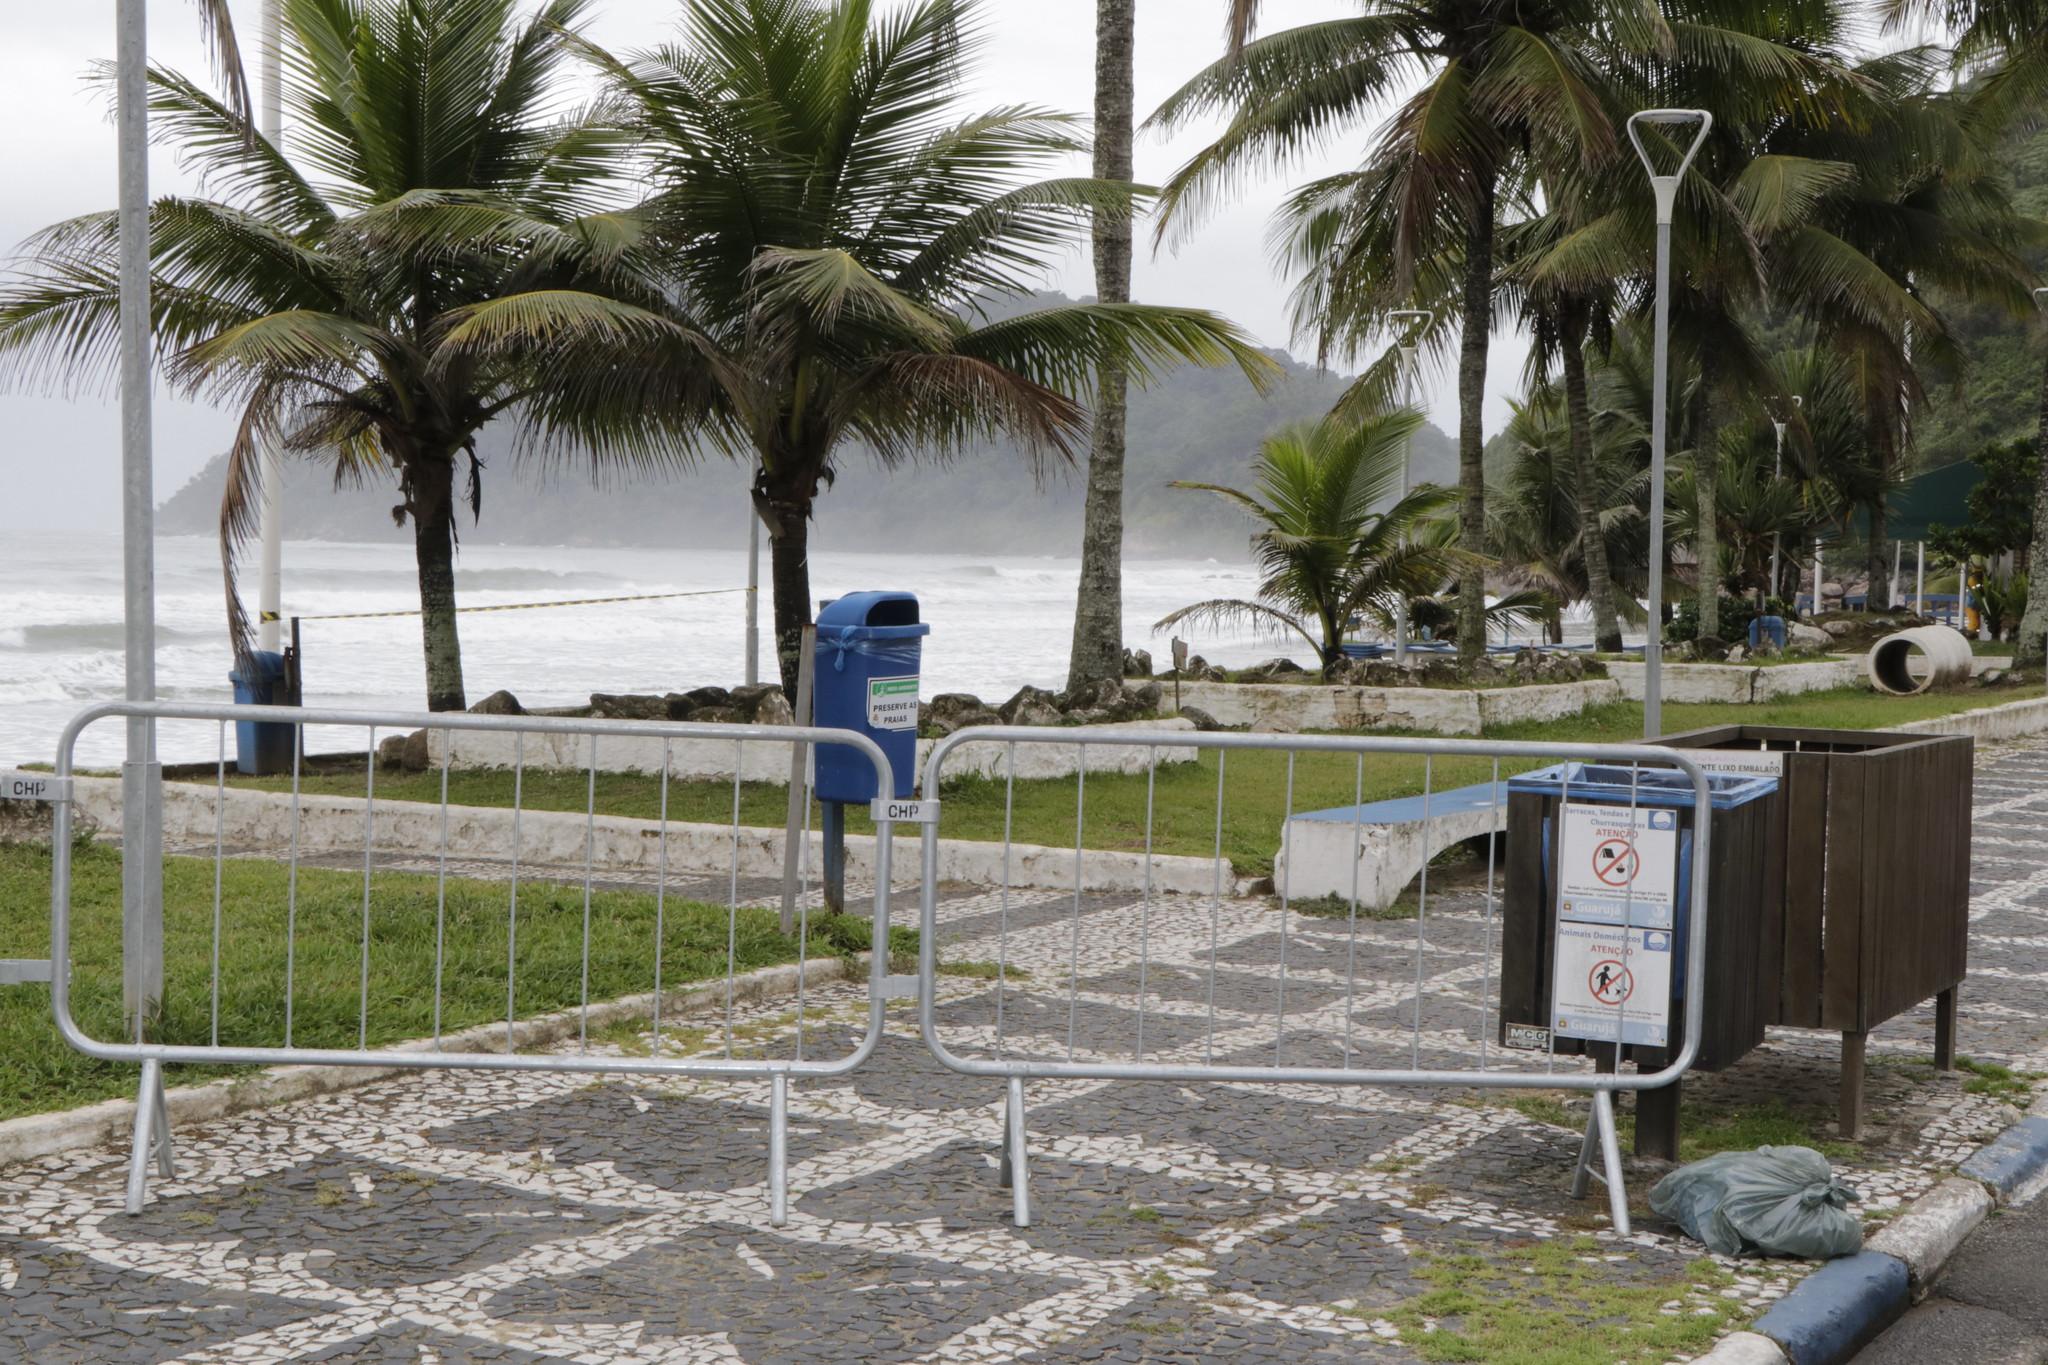 Acesso à praia isolado em Guarujá (Arquivo/Prefeitura de Guarujá)